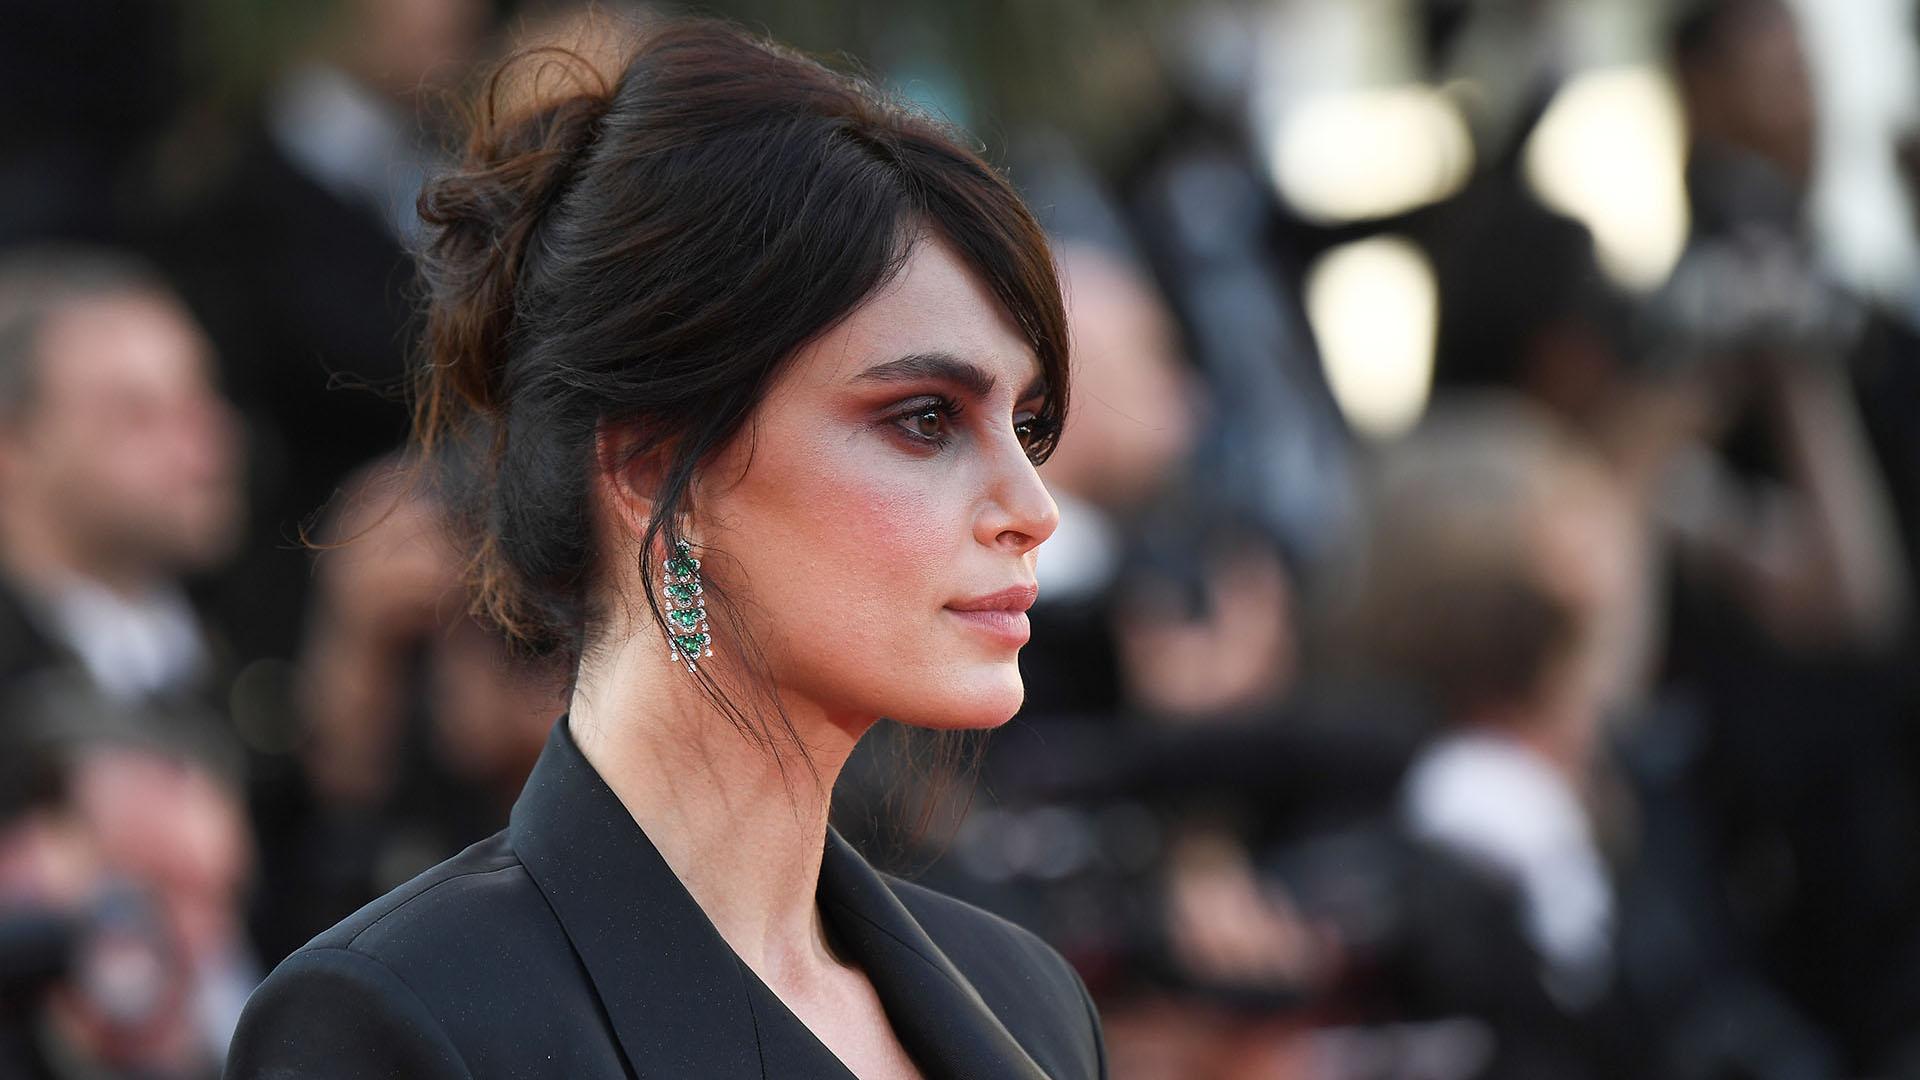 La modelo rumana Catrinel Menghia (AFP)